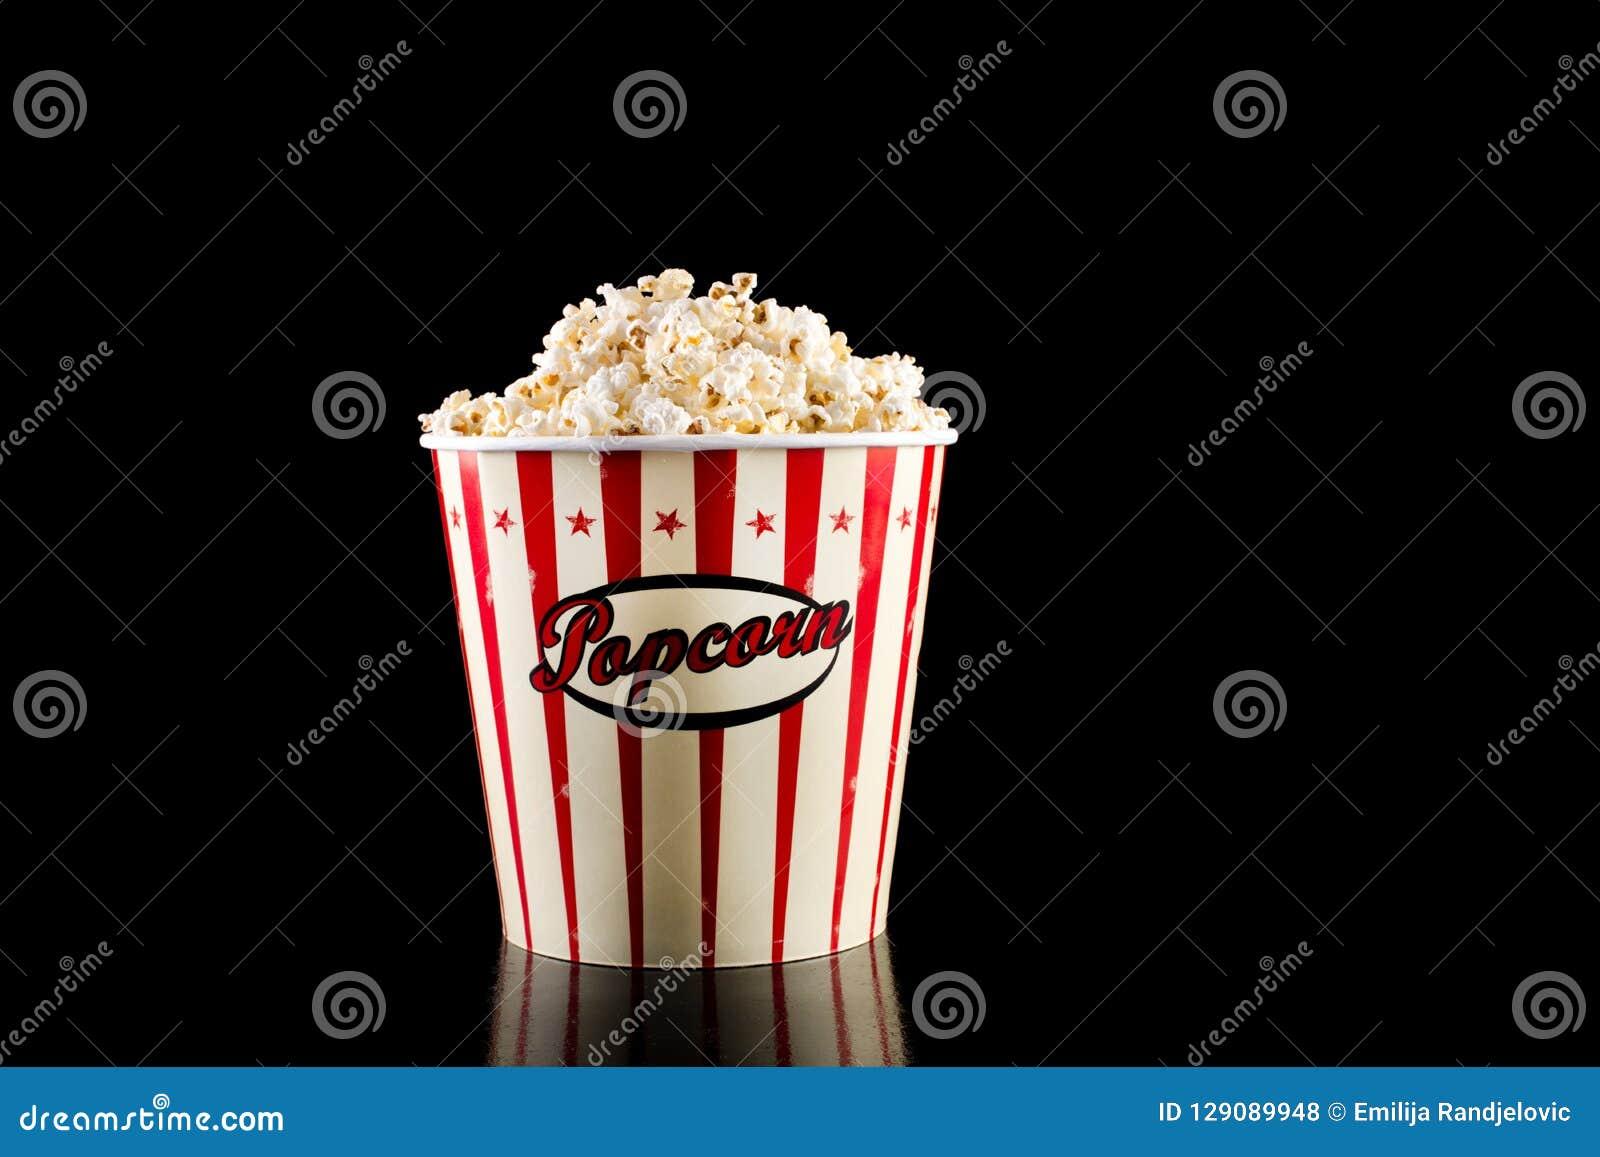 Retro popcornask i röd och vit färg och fullt med popcorn